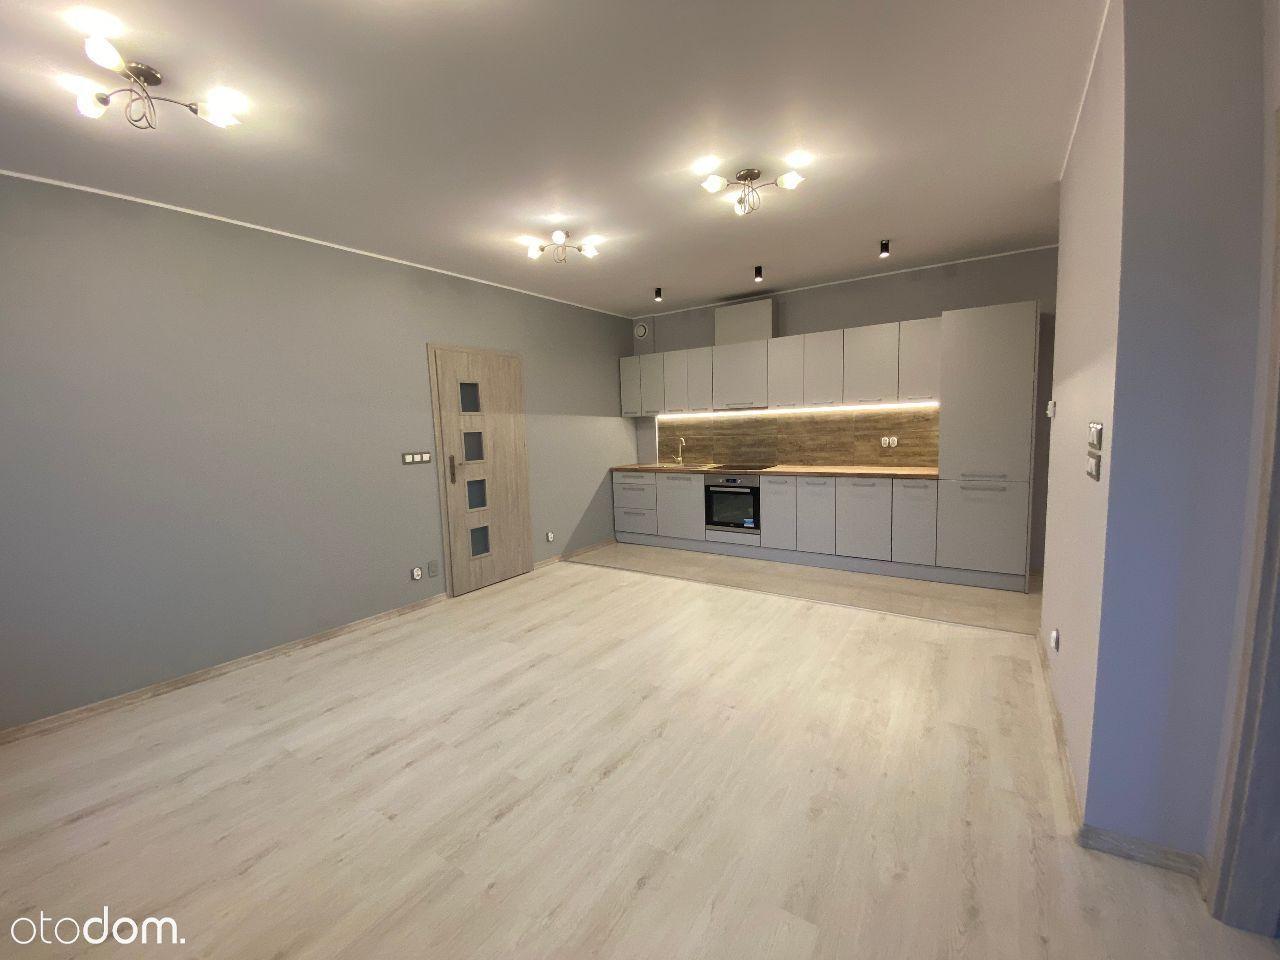 Mieszkanie po generalnym remoncie 60m ok.Zarzewska